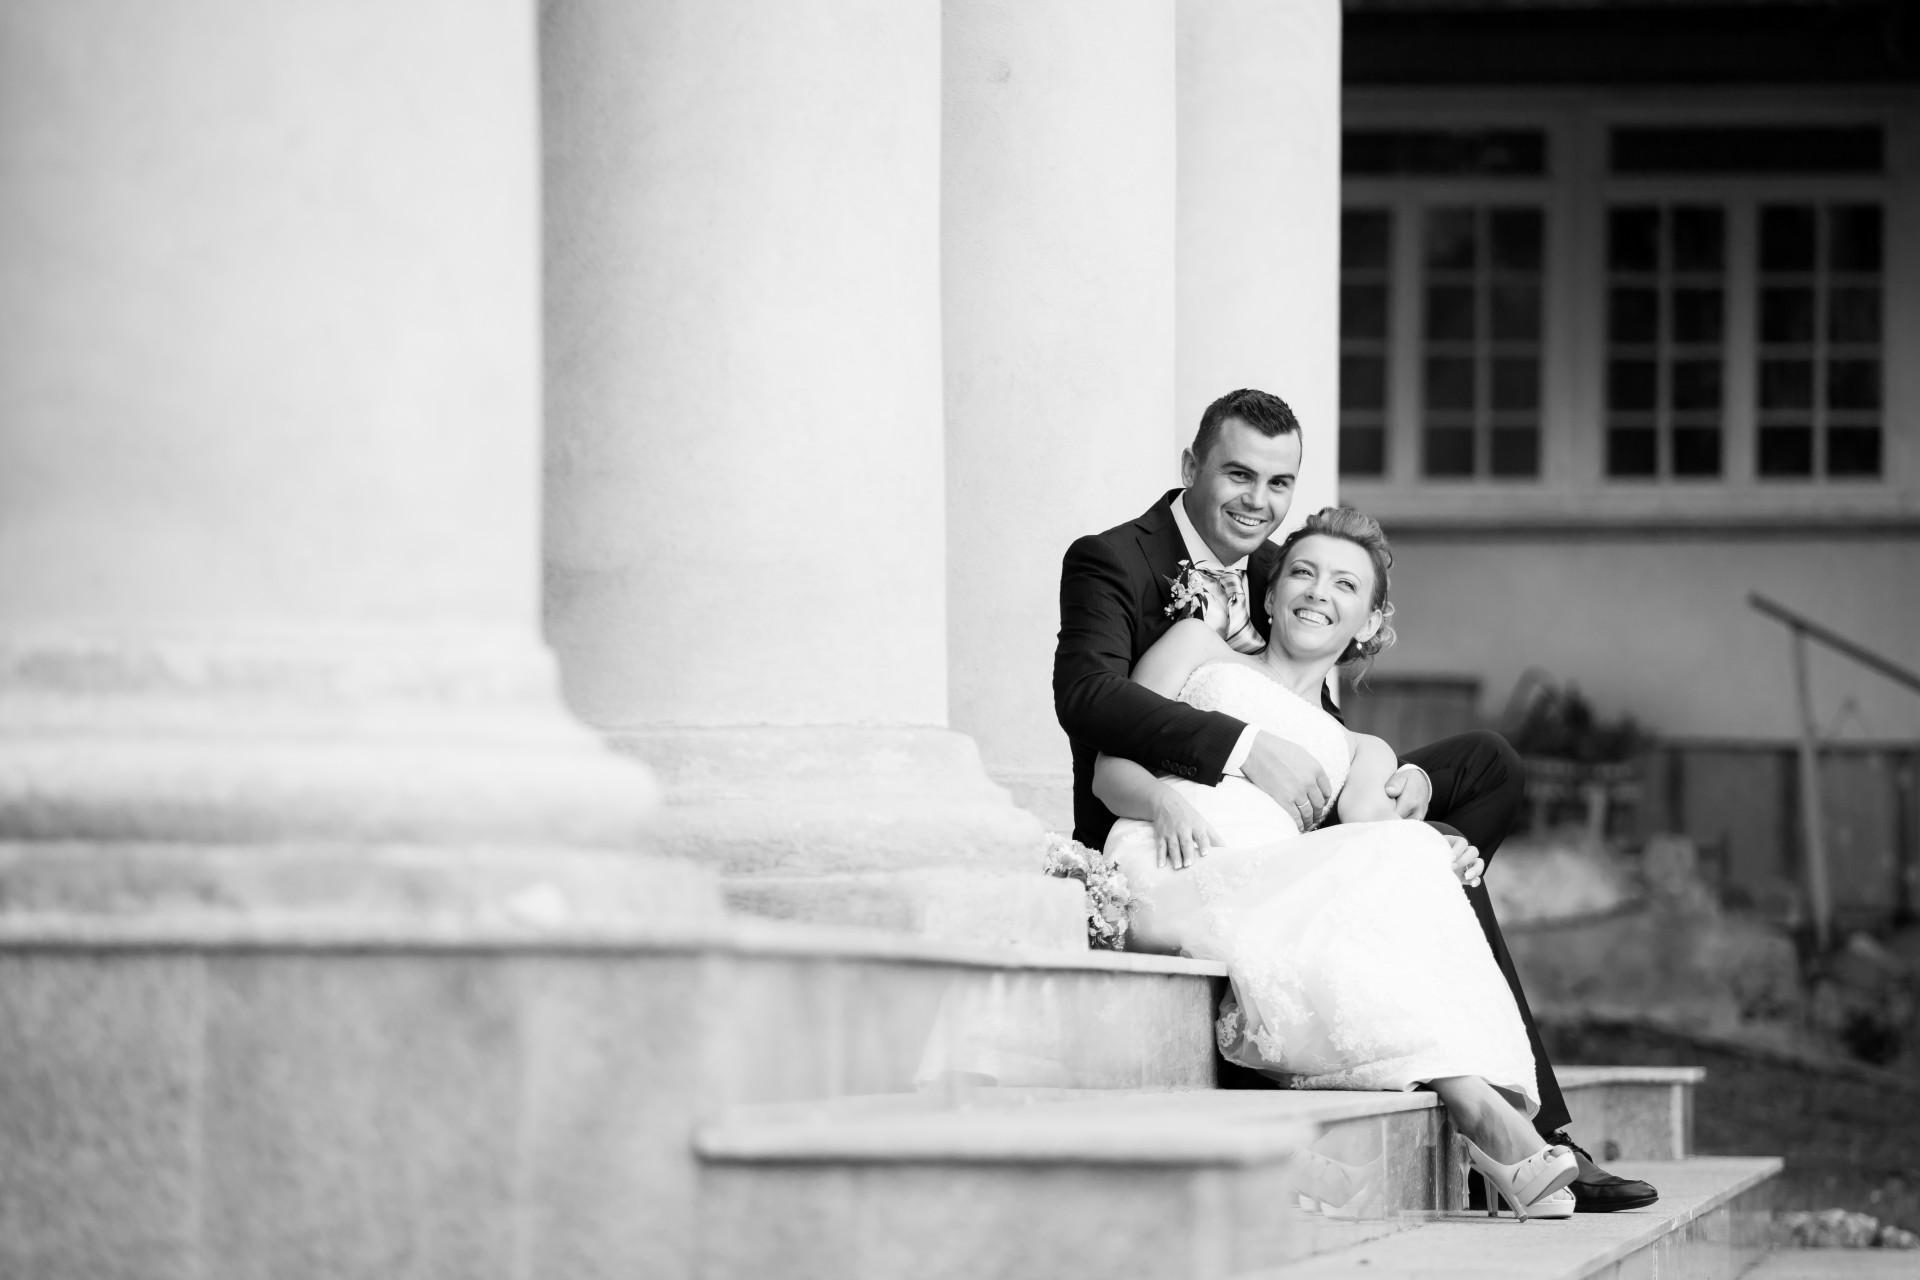 fotograf nunta Iasi, cristi timofte, fotograf profesionist de nunta, foto nunta iasi, fotograf nunta pret, fotograf de nunta in Bucuresti